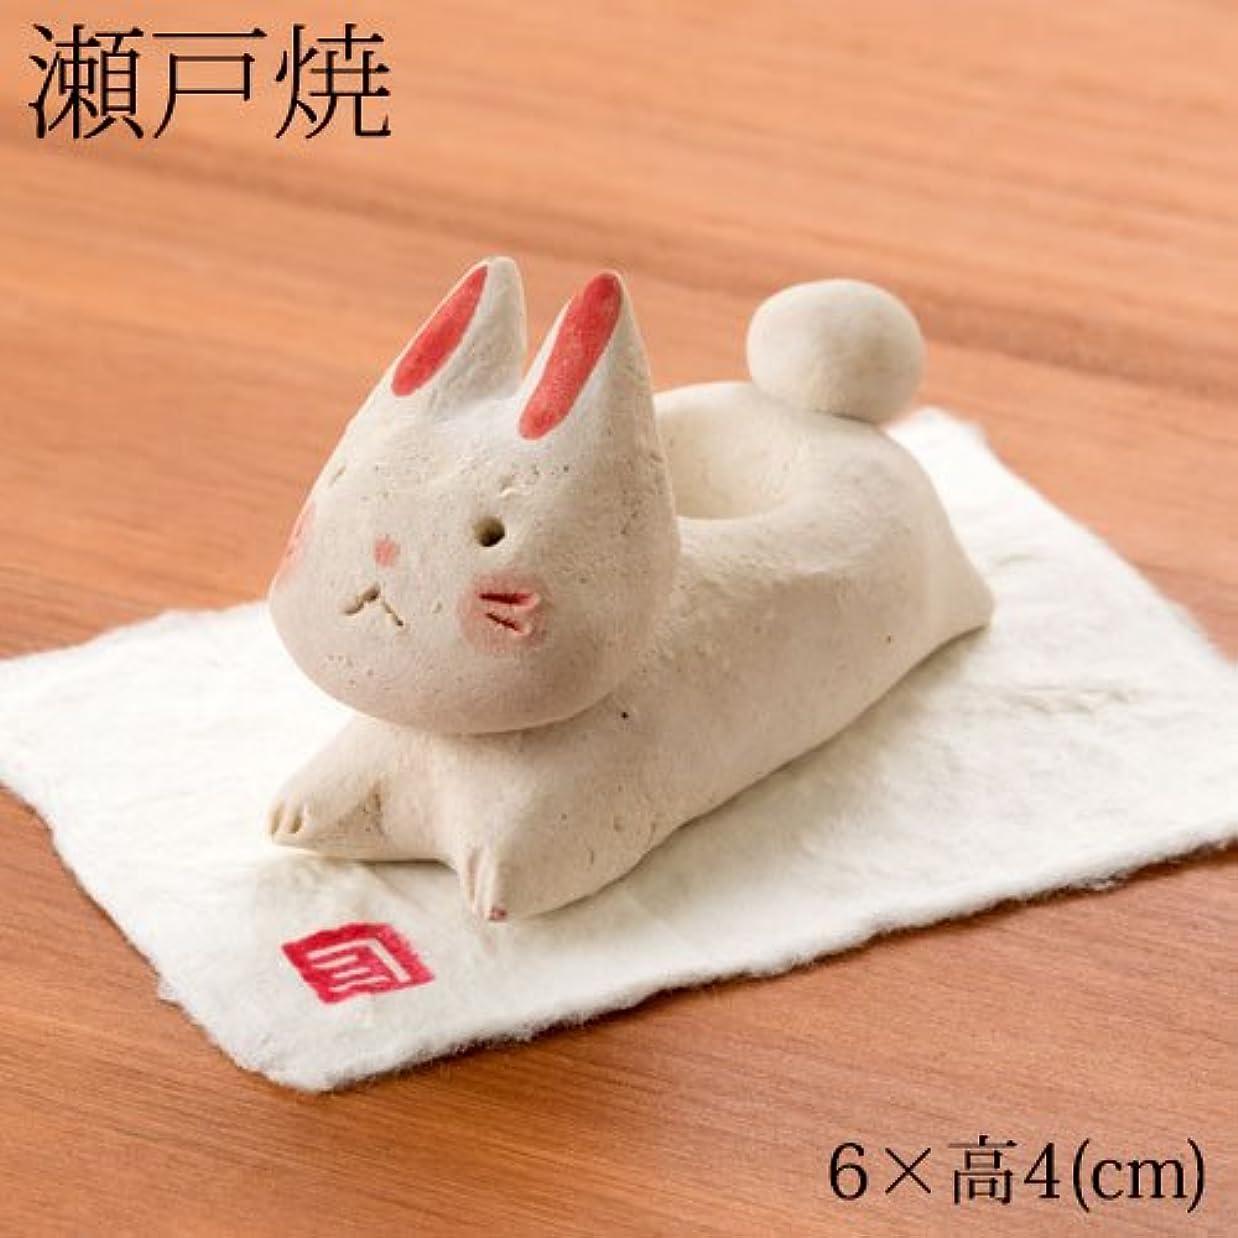 粘性の利得密度瀬戸焼兎アロマストーン (K6302)愛知県の工芸品Seto-yaki Aroma stone, Aichi craft